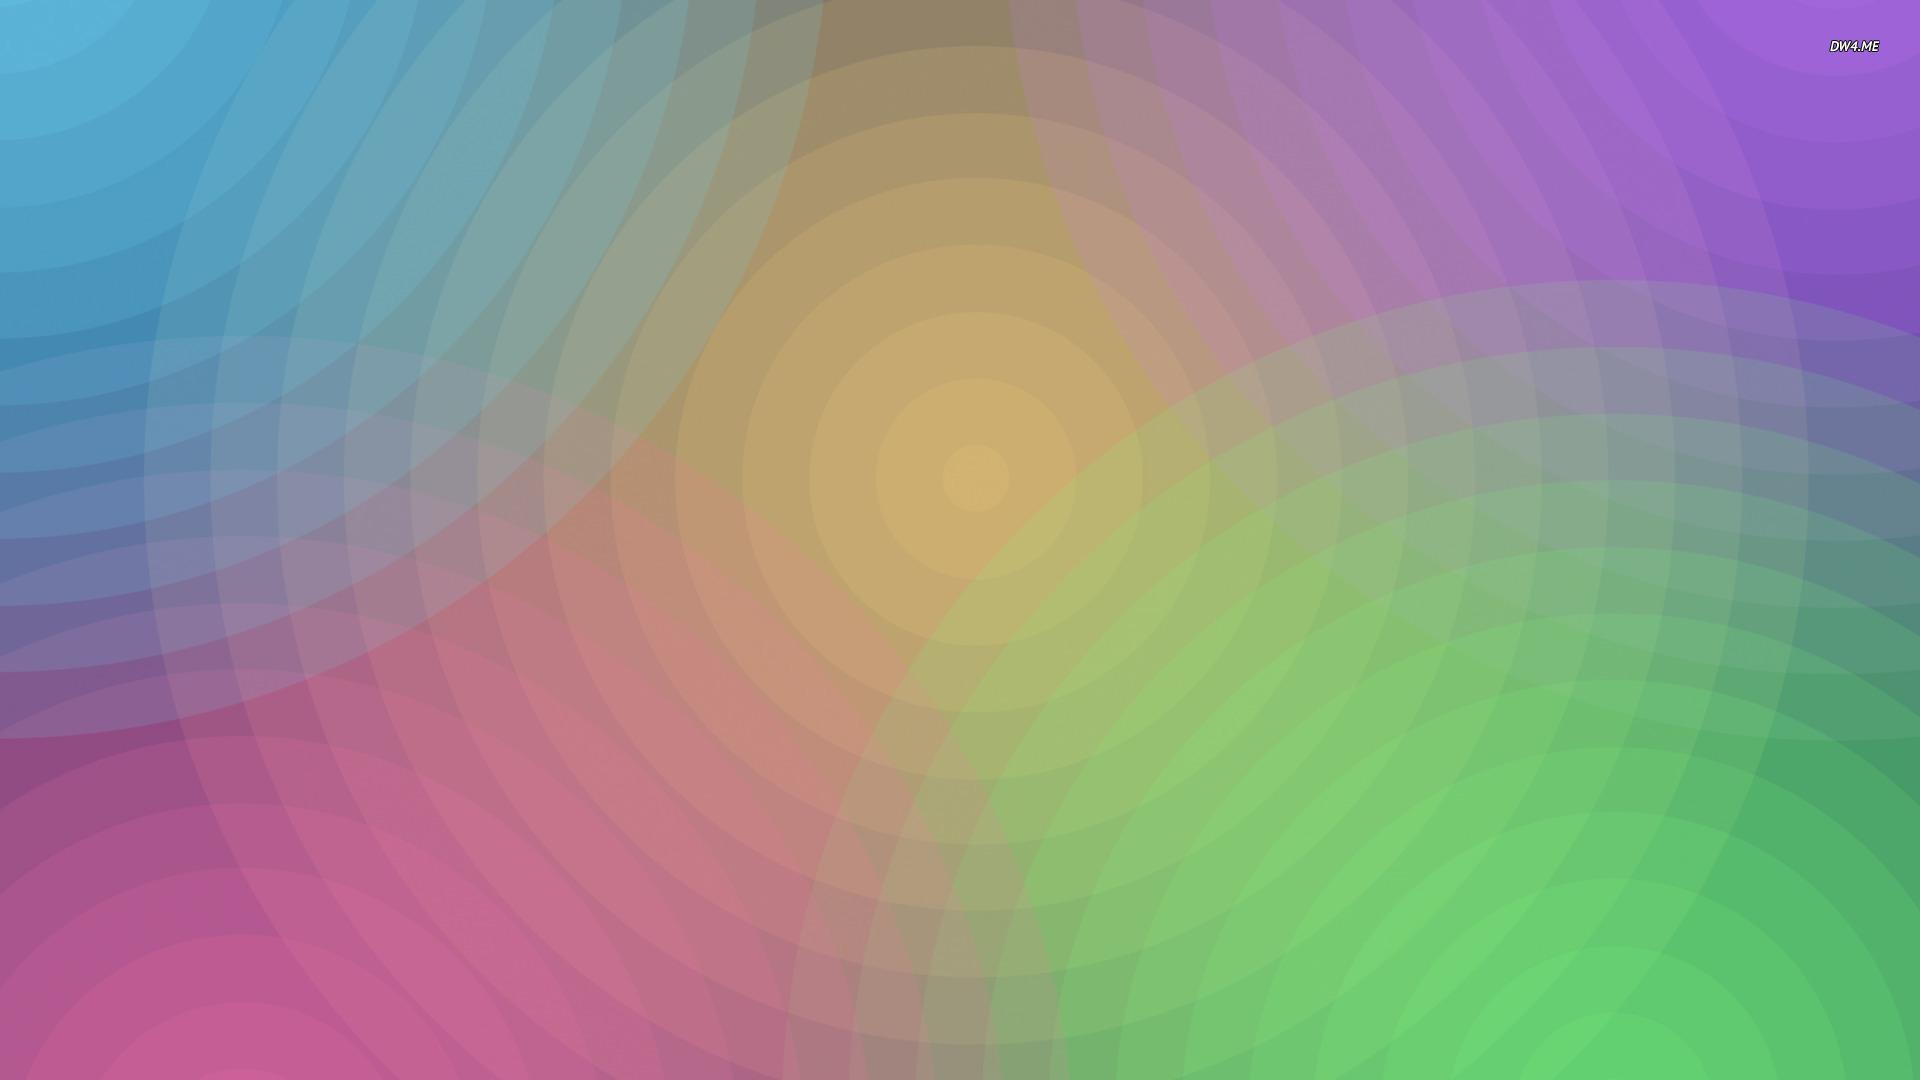 Pastel circles wallpaper   Abstract wallpapers   1179 1920x1080